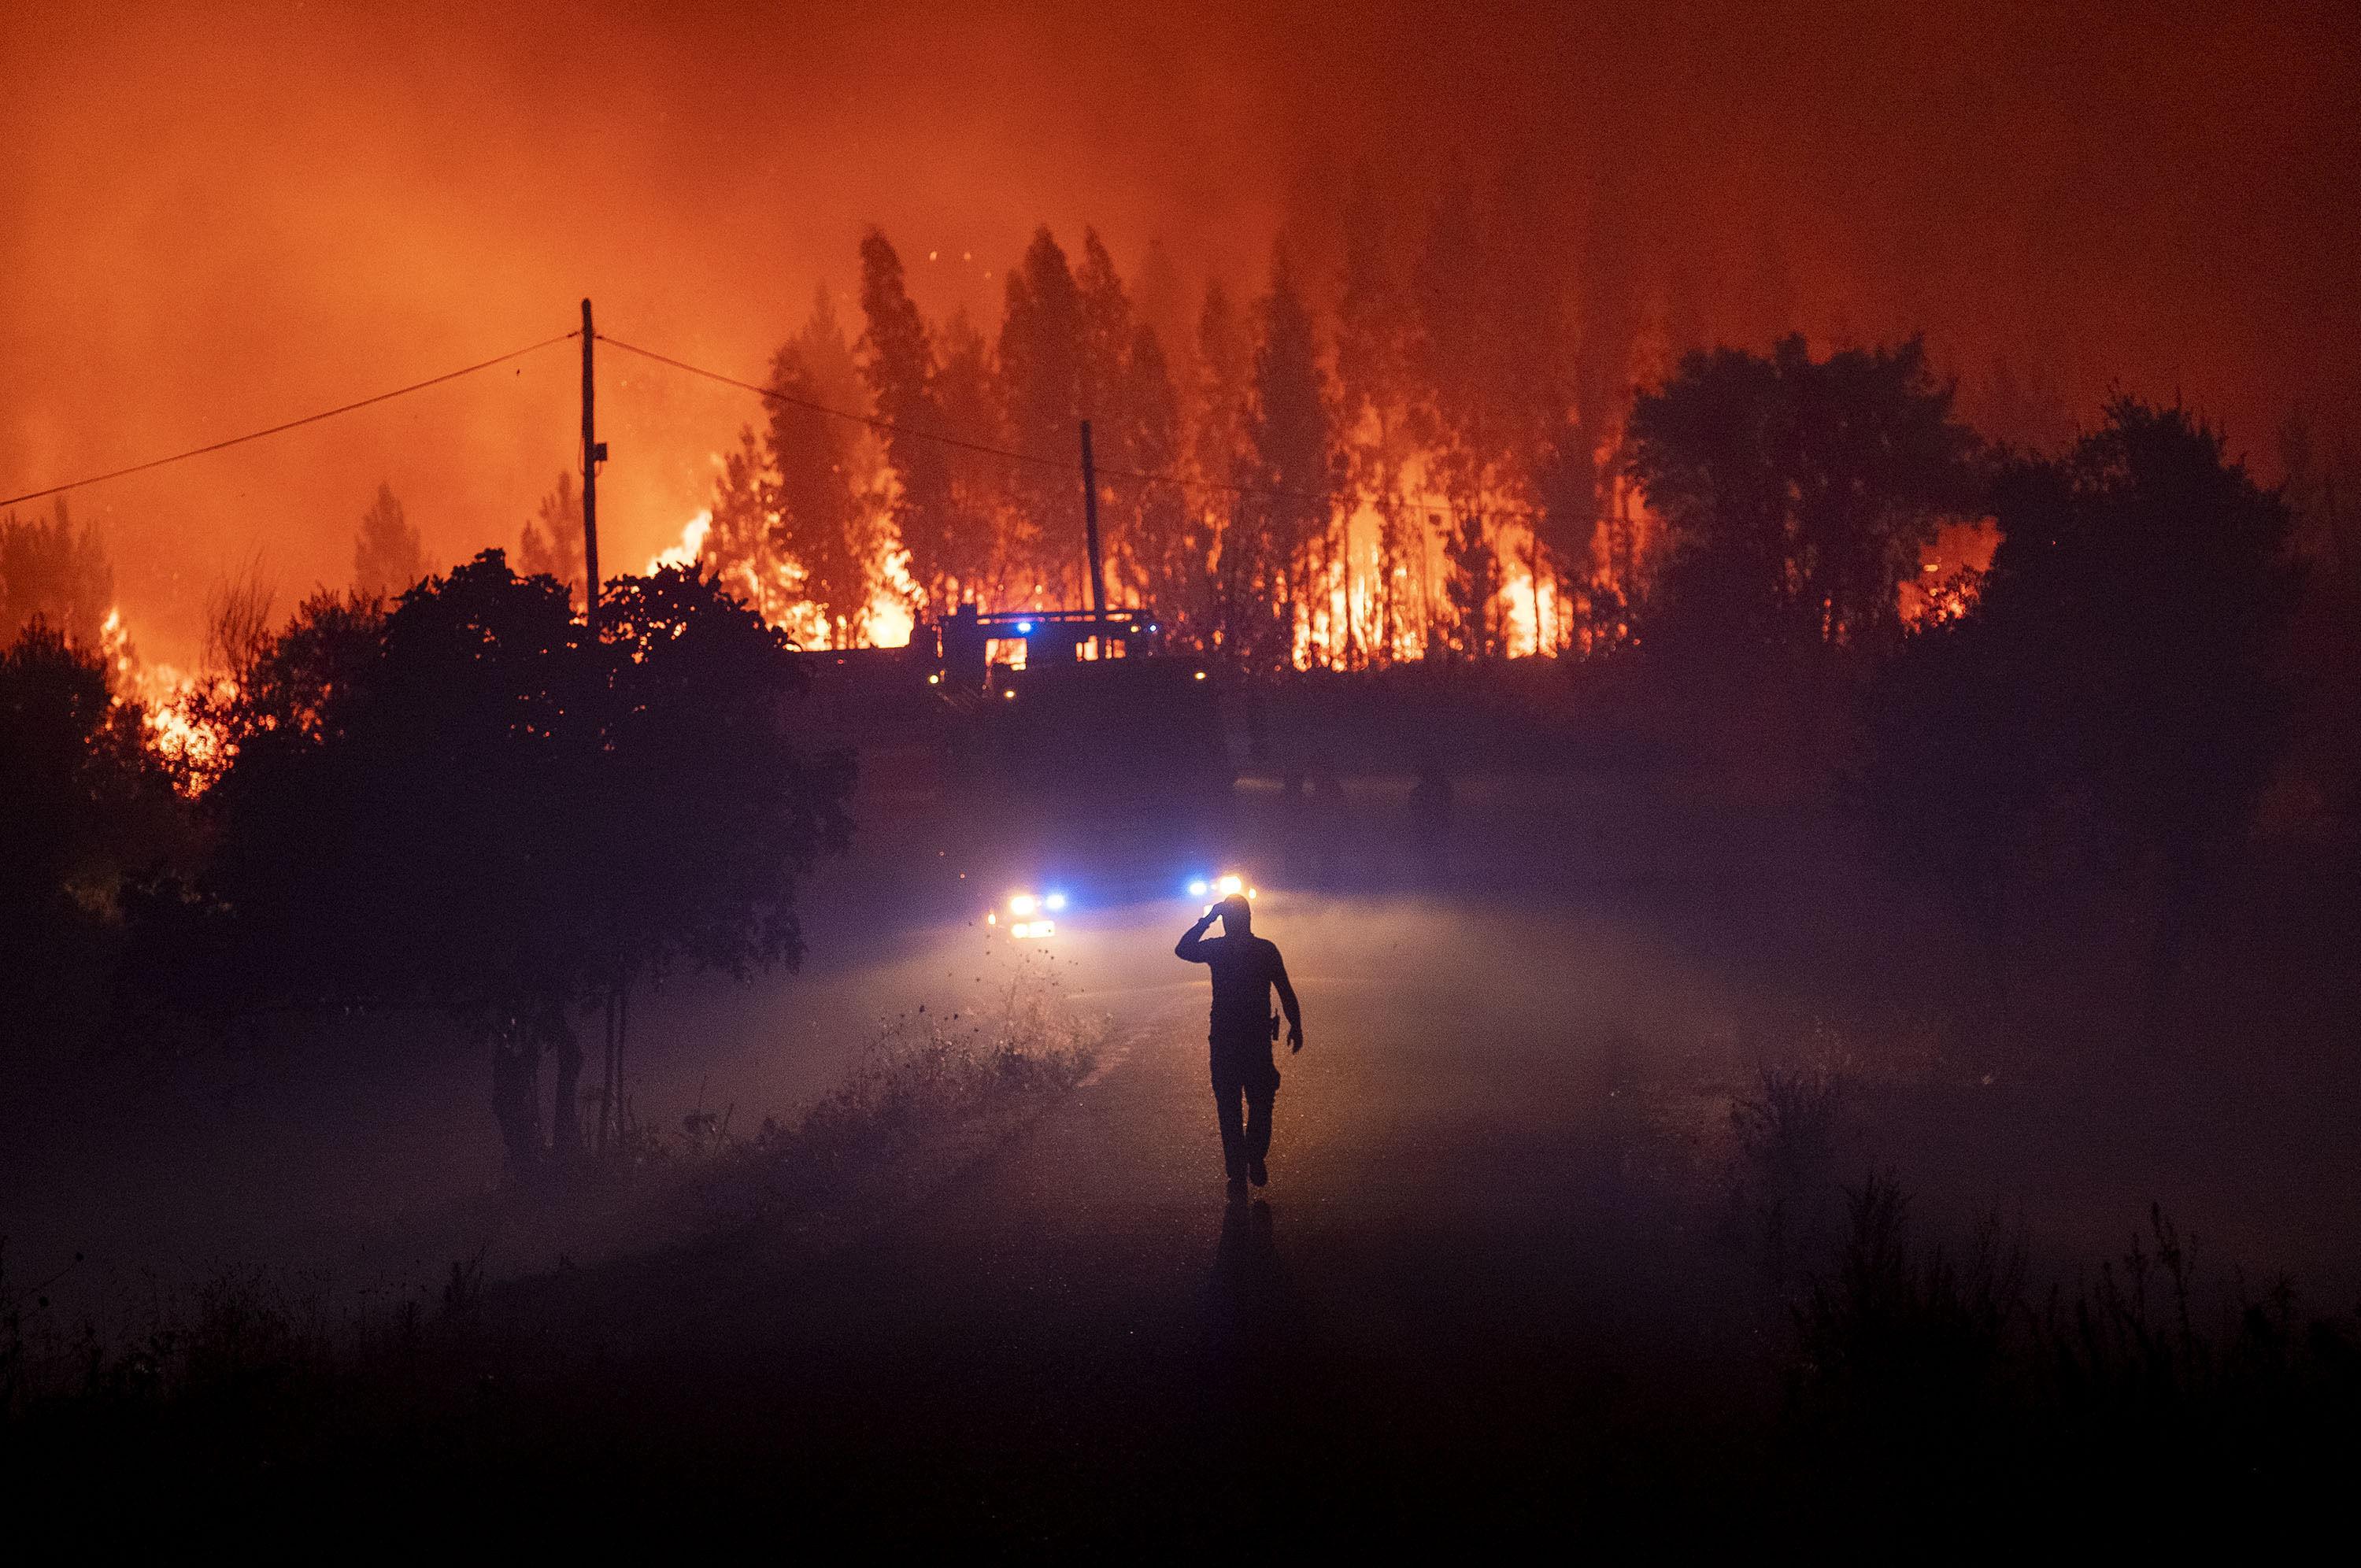 Membros dos serviços de emergência tentam extinguir incêndio perto de Cardigos, Portugal, em 21 de julho de 2019